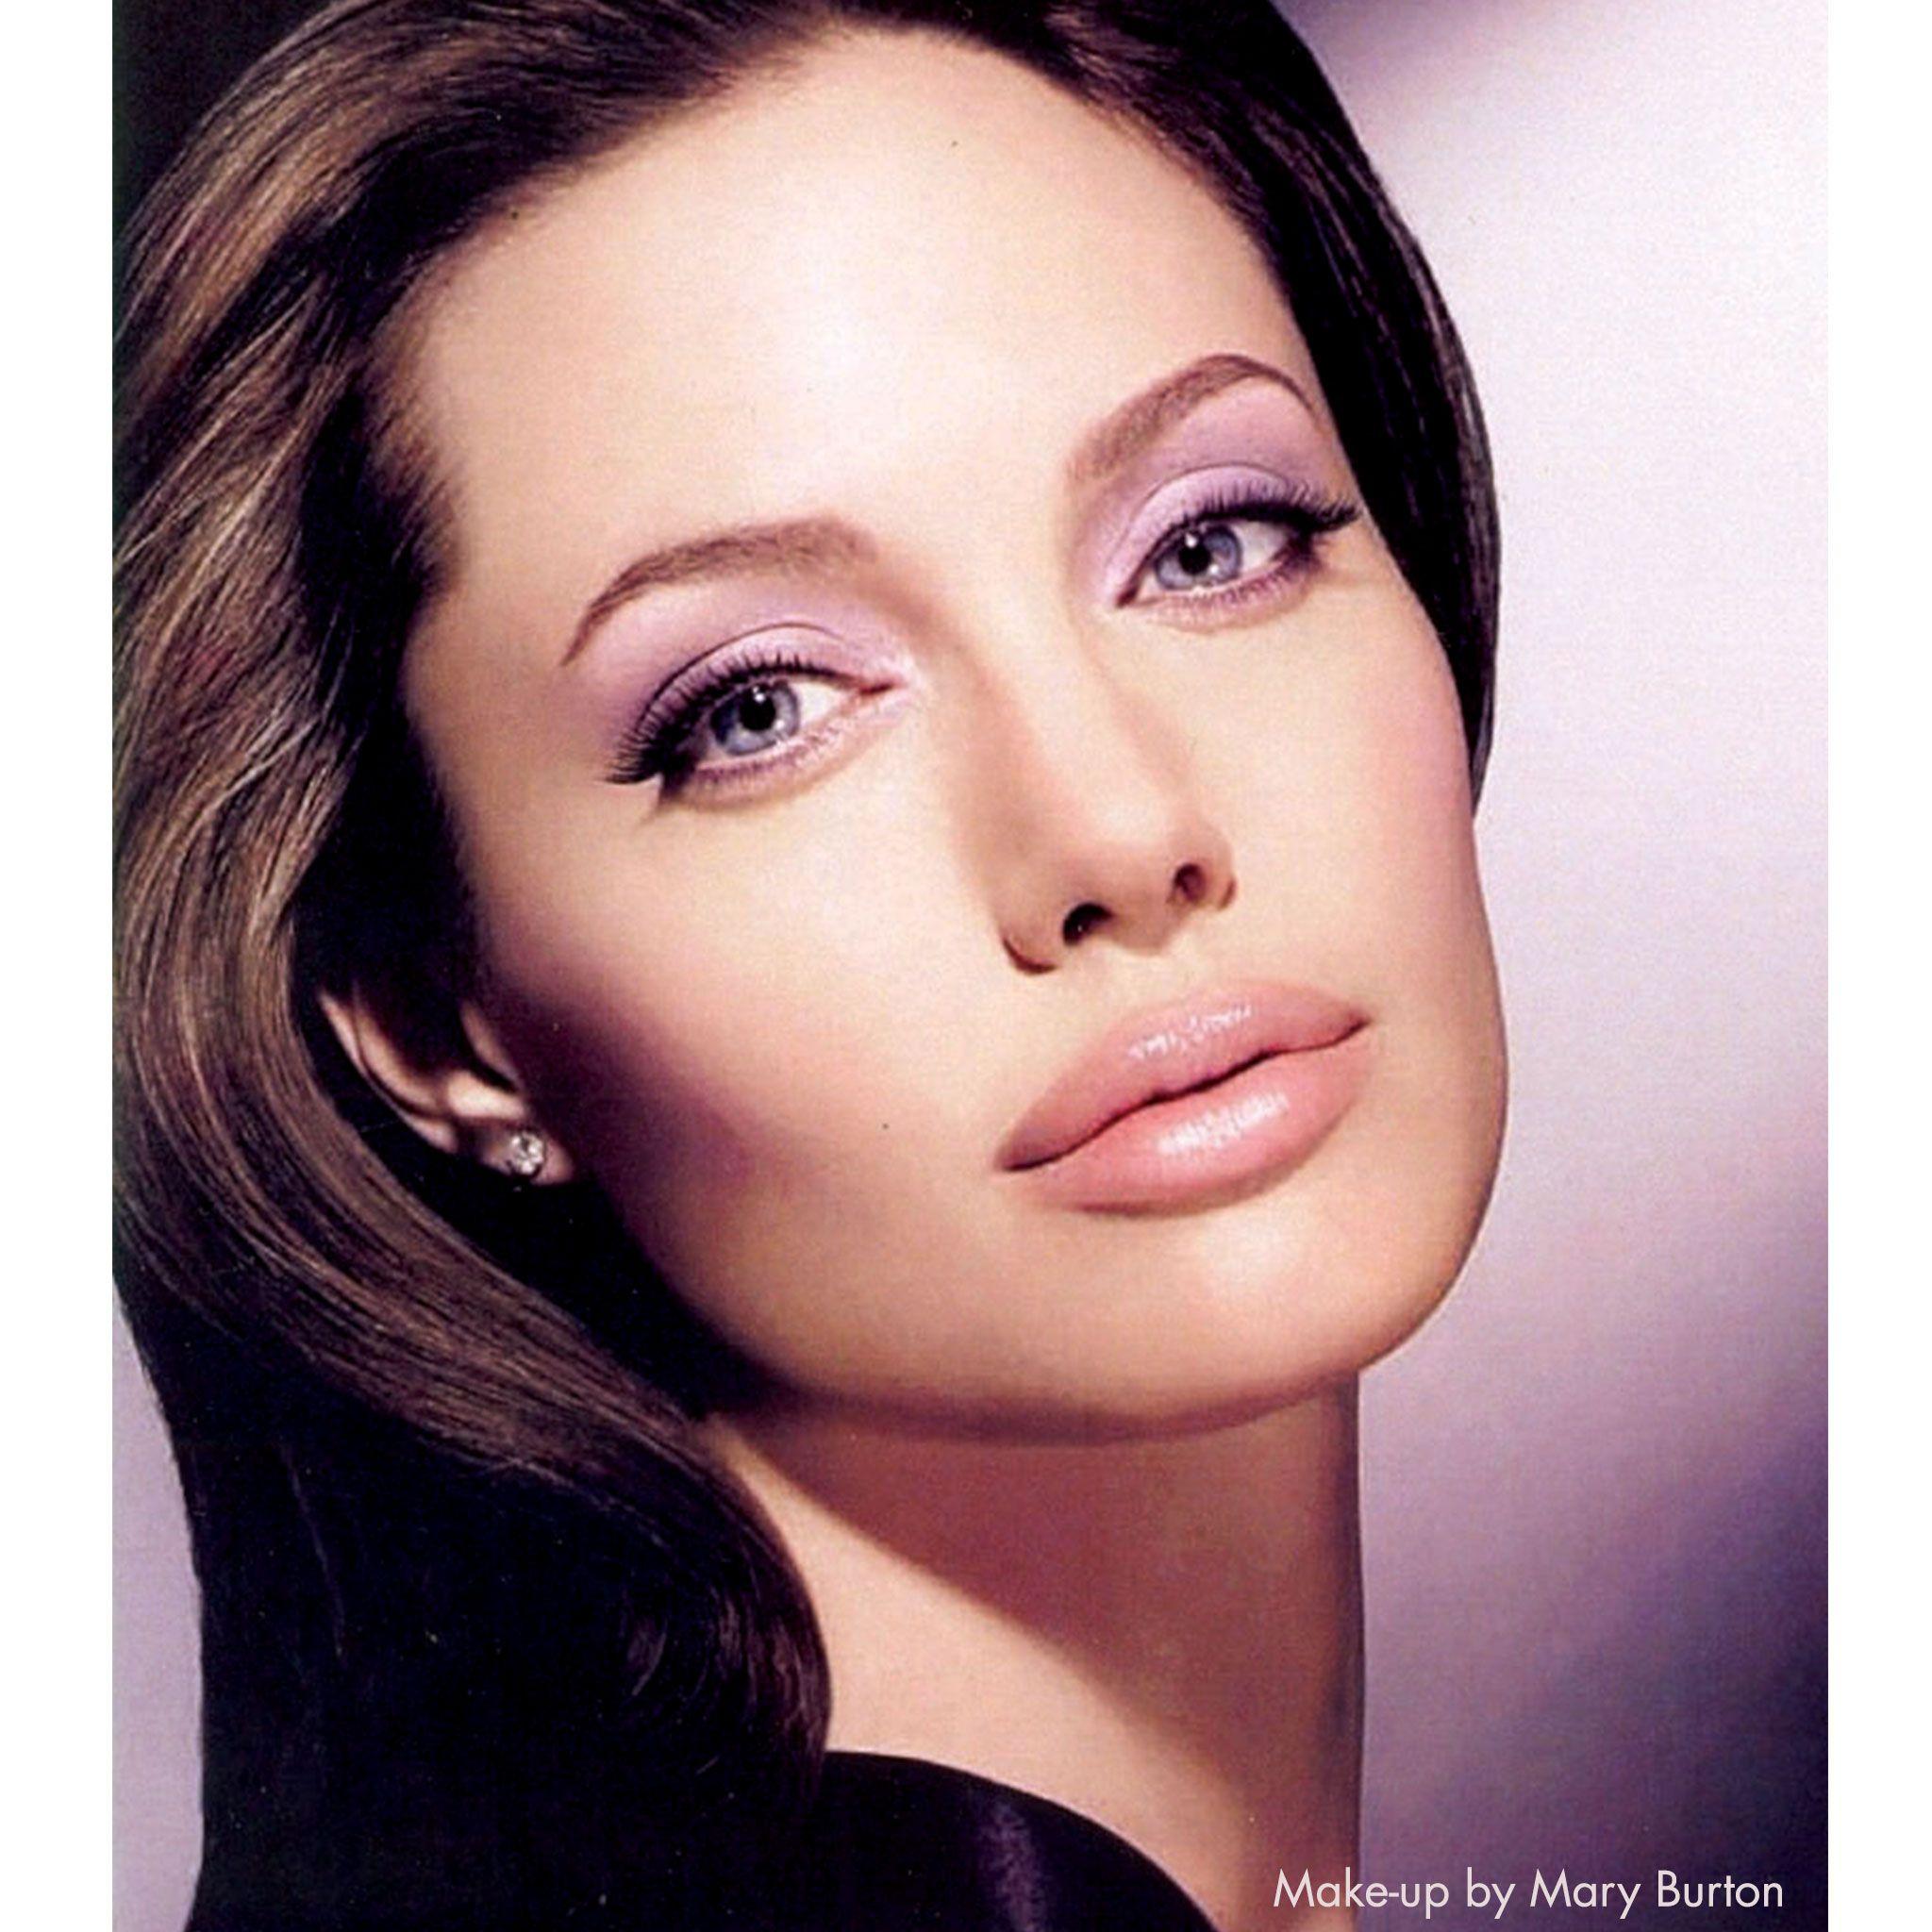 Джоли косметика купить косметику купить оптом киев